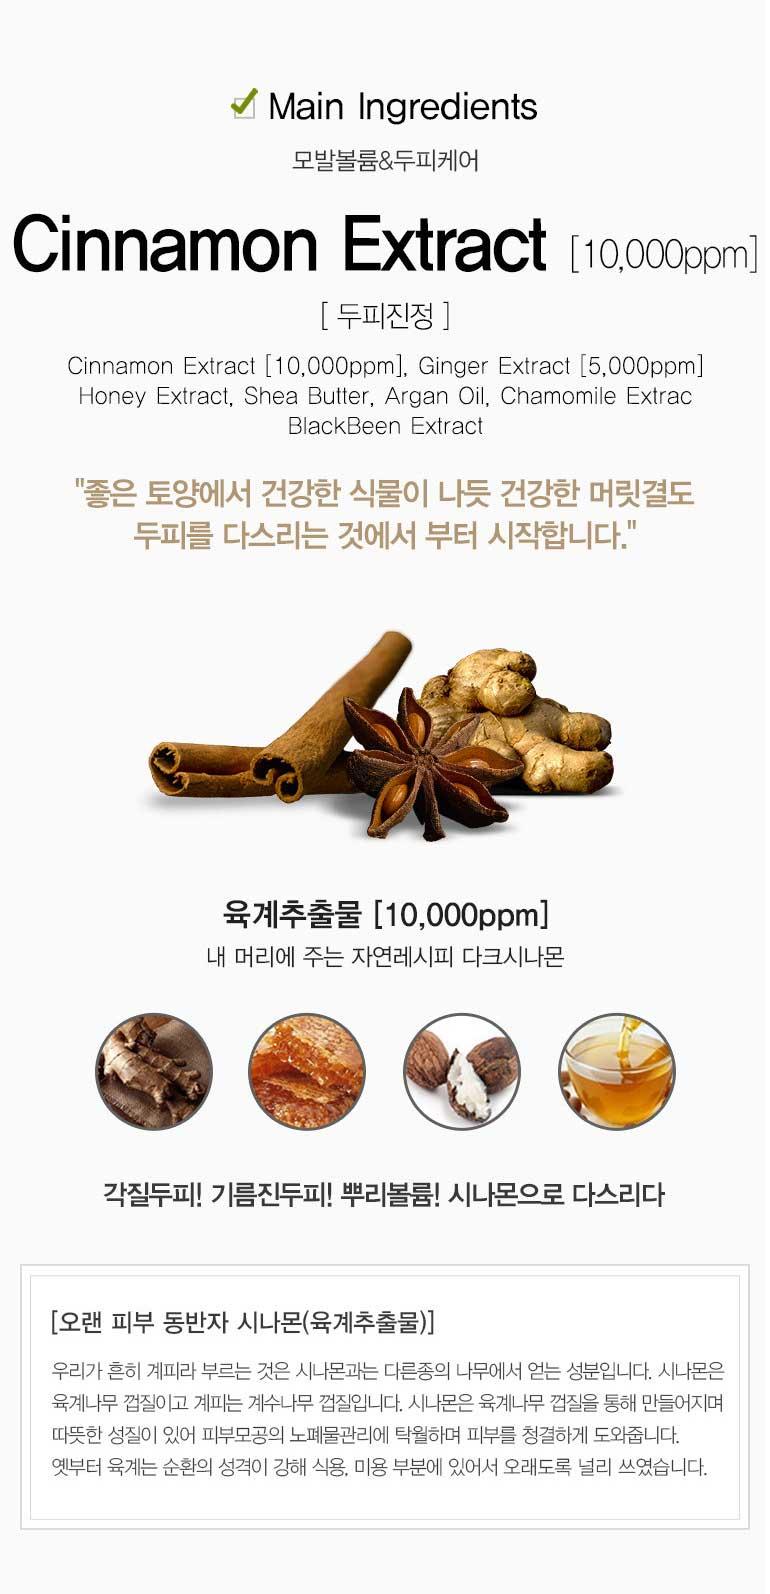 다크시나몬 지성케어 2종(샴푸500g+헤어에센스) - 딥퍼랑스, 53,600원, 헤어케어, 샴푸/린스